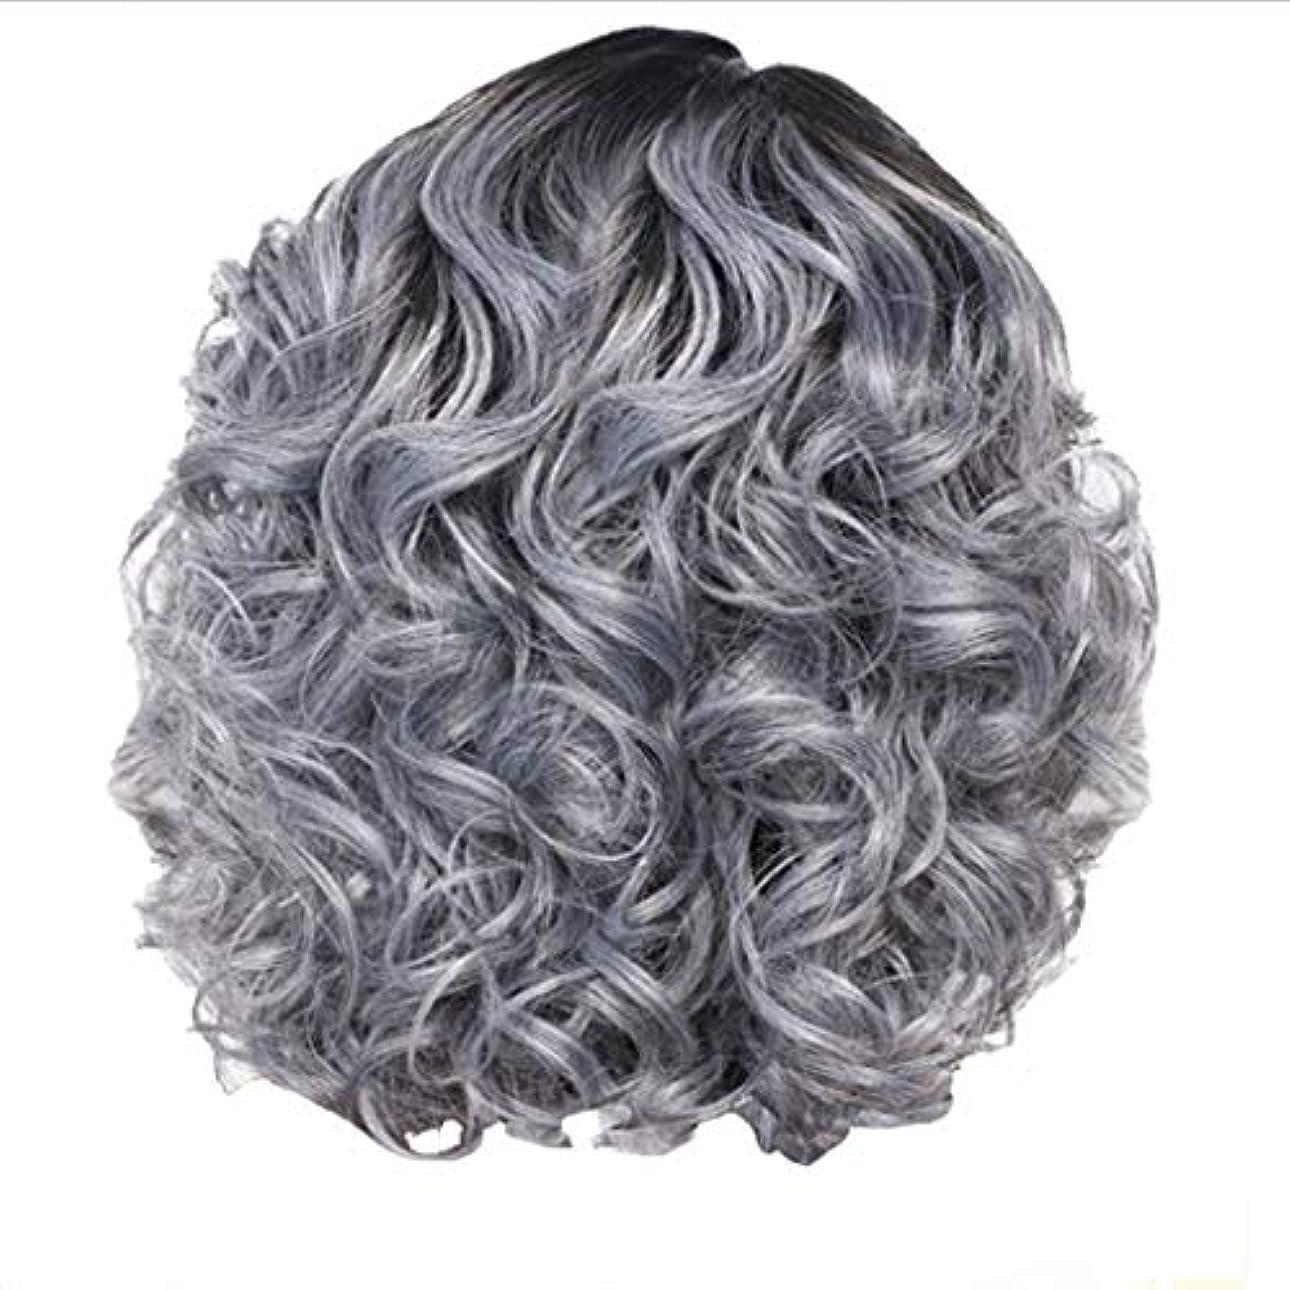 織るゼリーに変わるかつら女性の短い巻き毛シルバーグレーレトロ巻き毛ネット30 cm